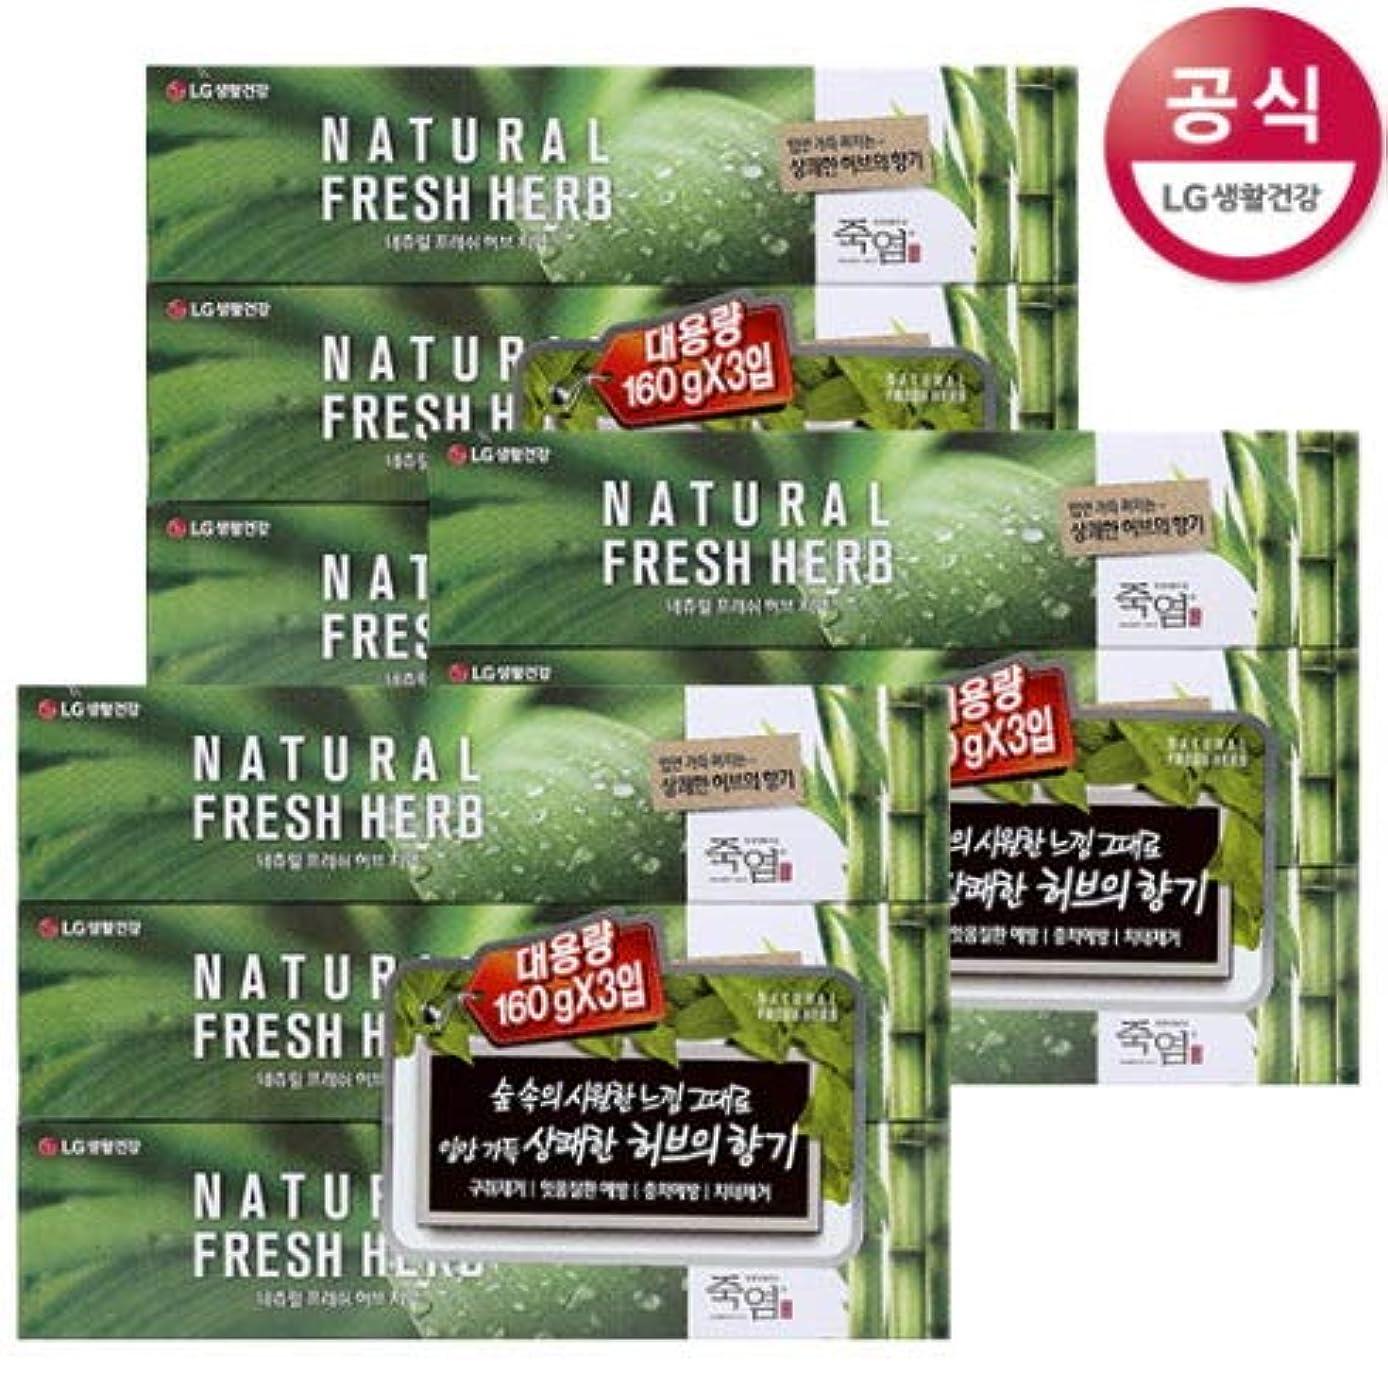 彼はタイル意志に反する[LG HnB] Bamboo Salt Natural Fresh Herbal Toothpaste/竹塩ナチュラルフレッシュハーブ歯磨き粉 160gx9個(海外直送品)